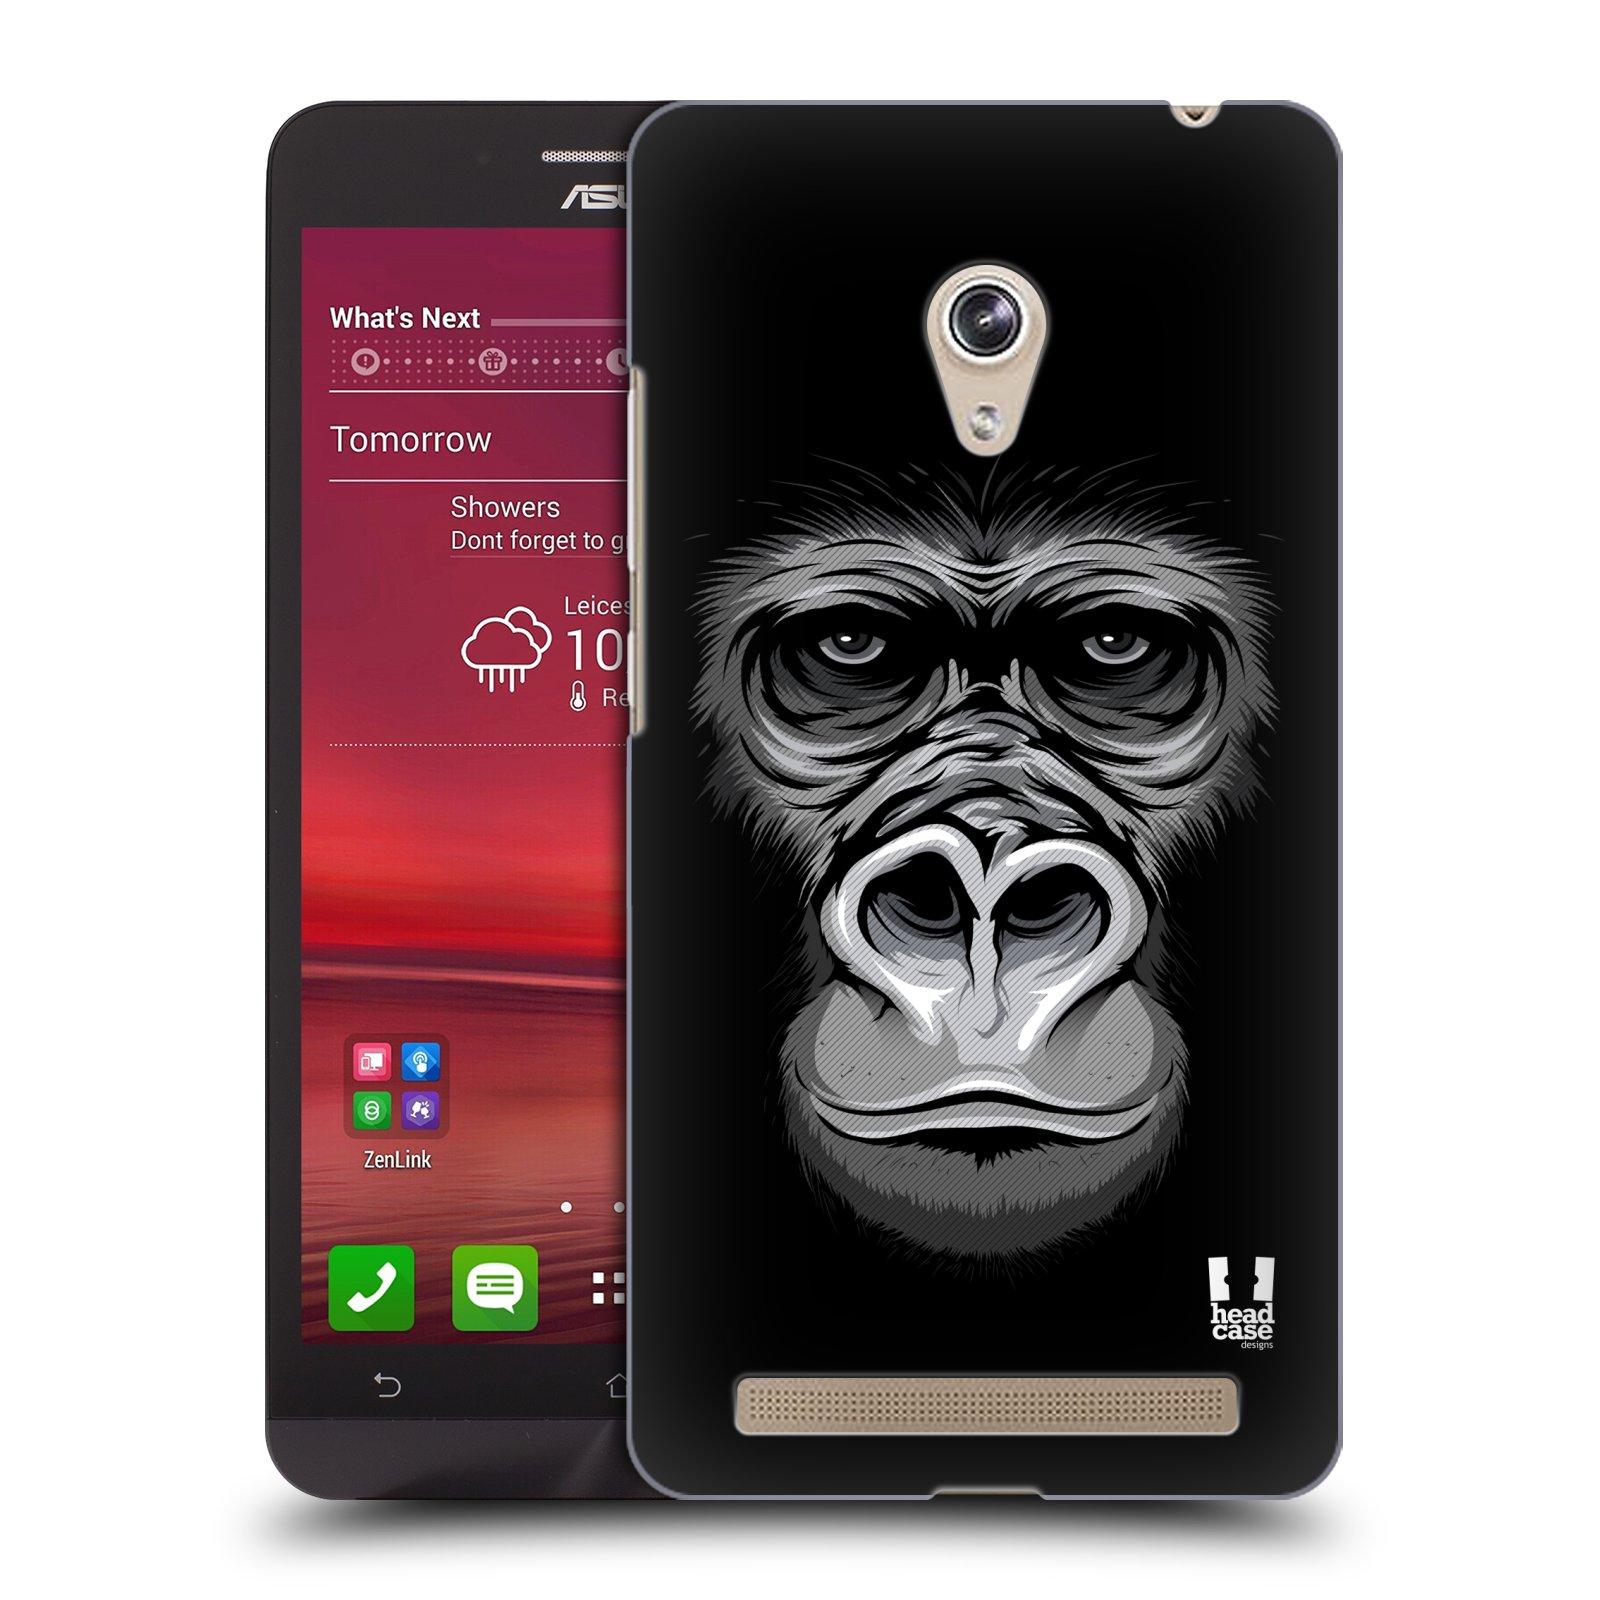 HEAD CASE plastový obal na mobil Asus Zenfone 6 vzor Zvíře kreslená tvář 2 gorila